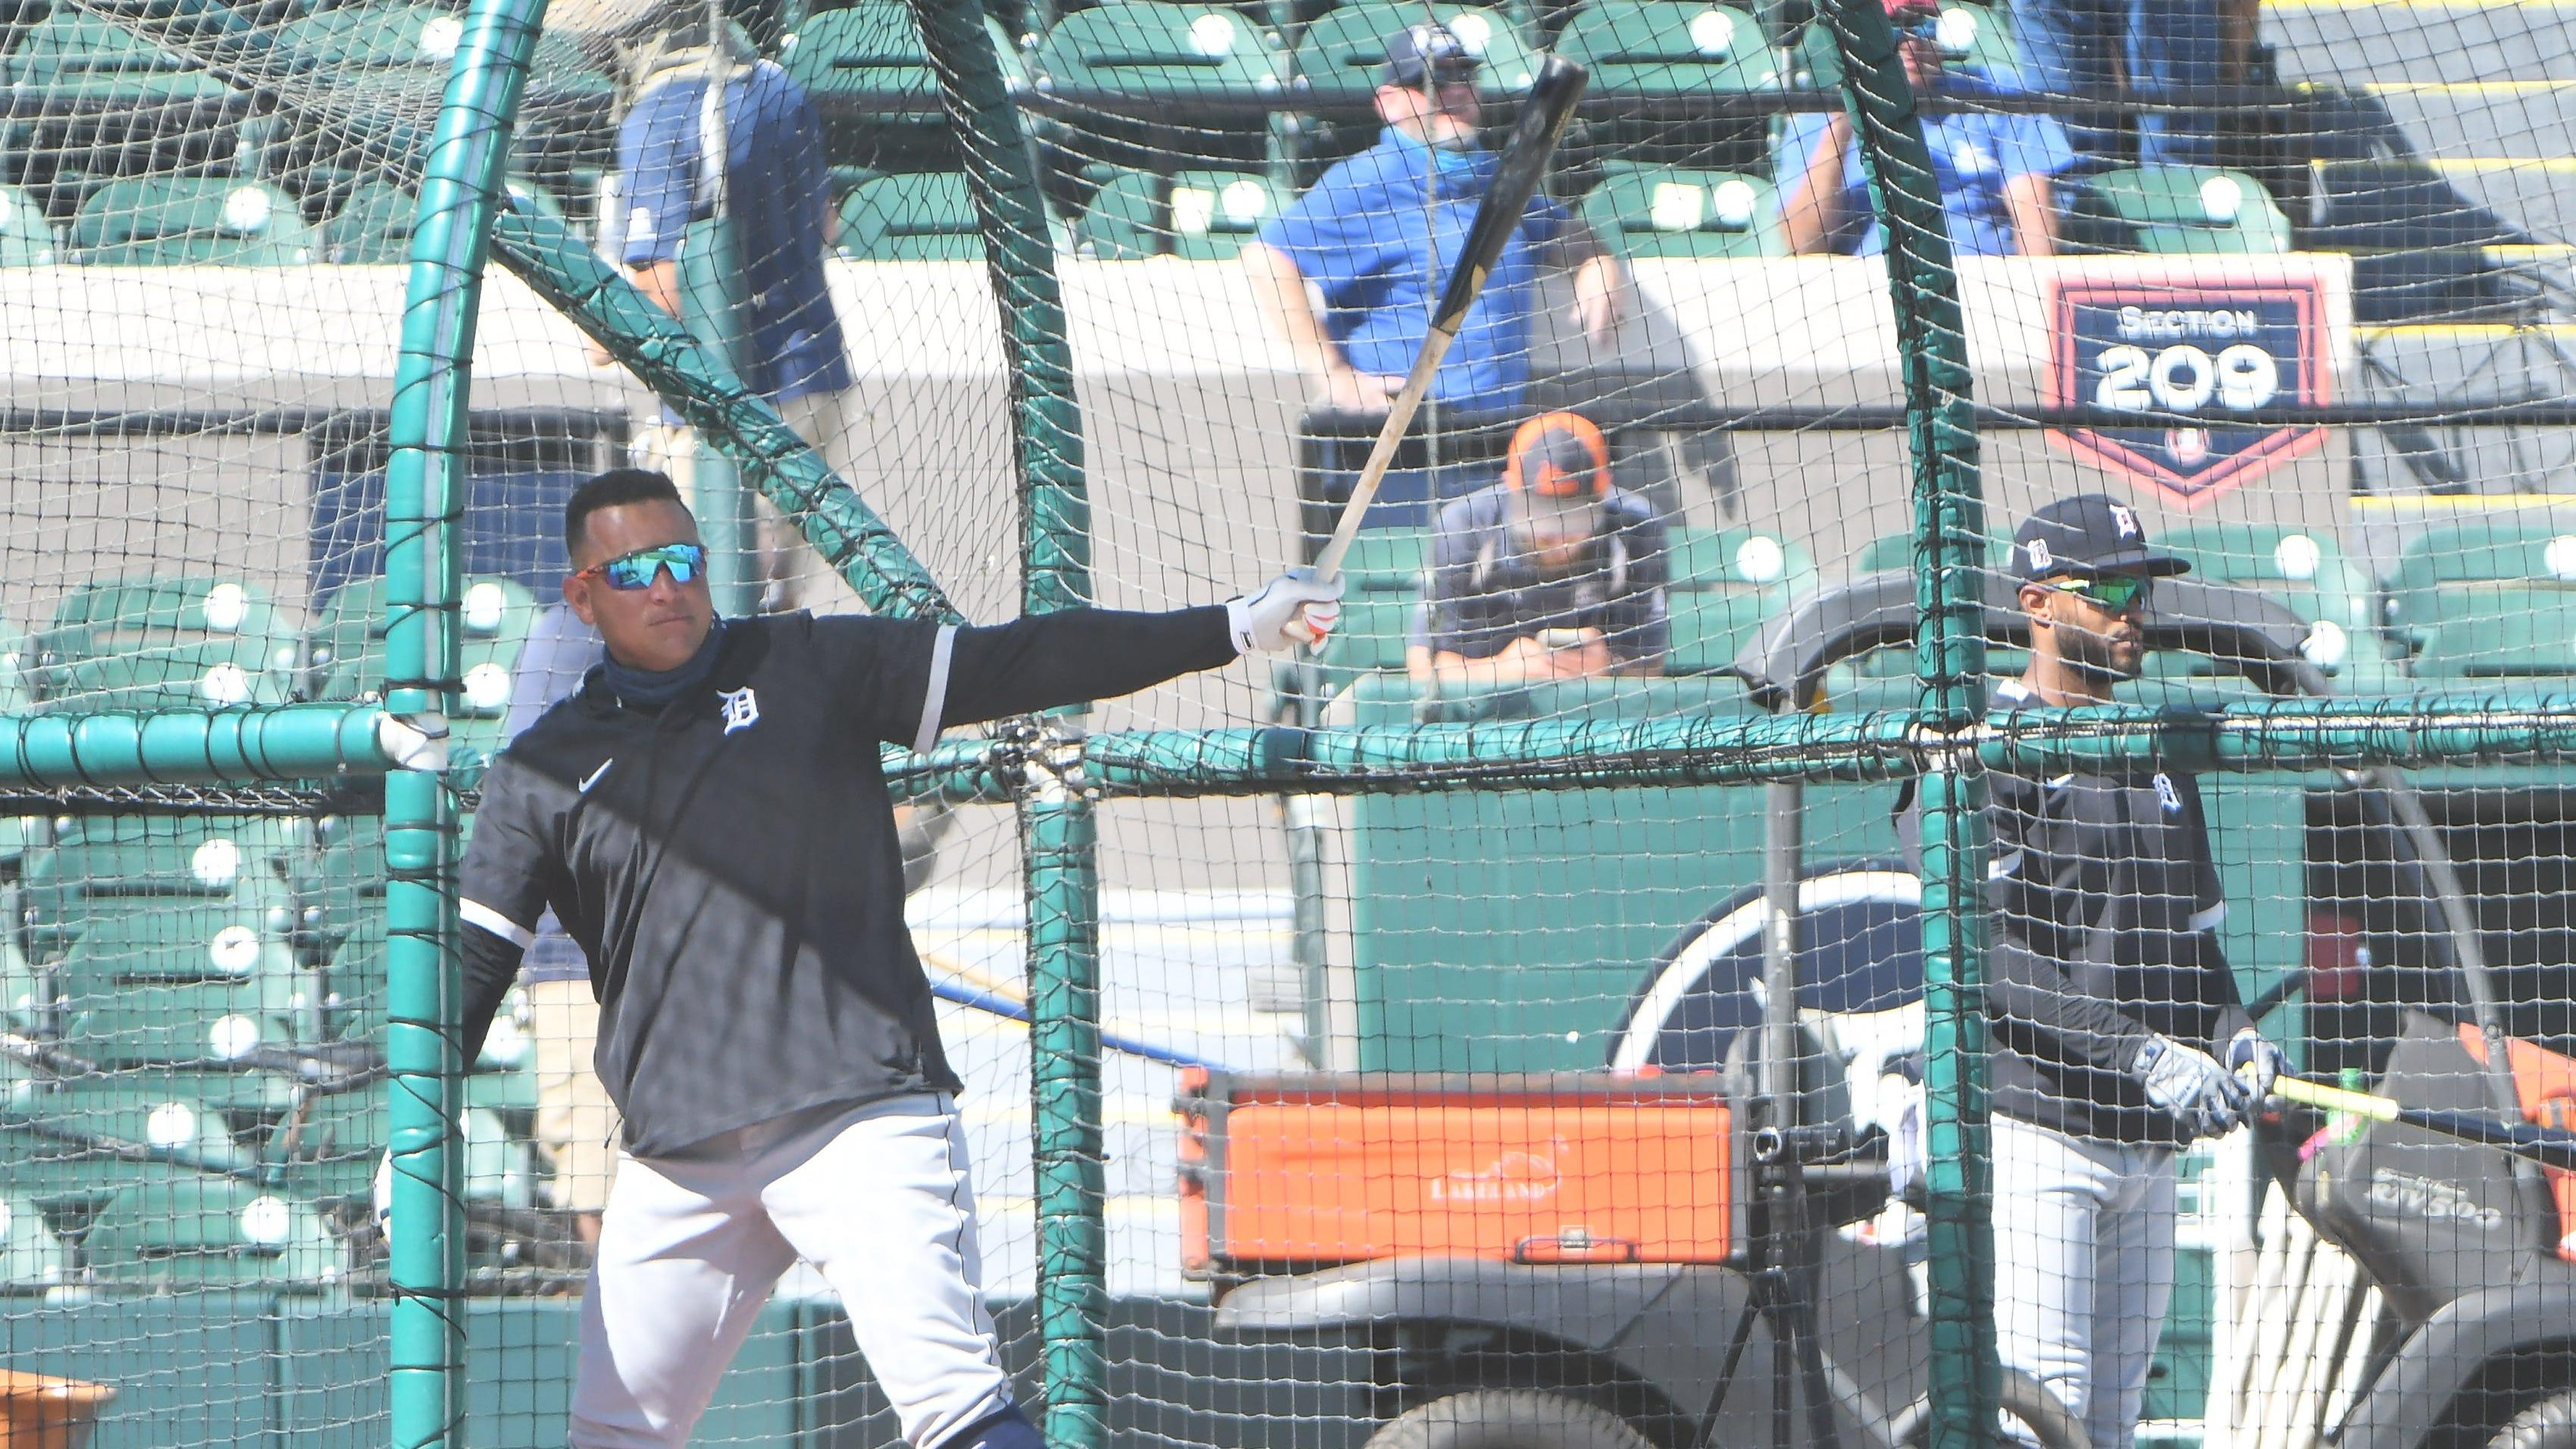 Tigers slugger Miguel Cabrera takes batting practice.